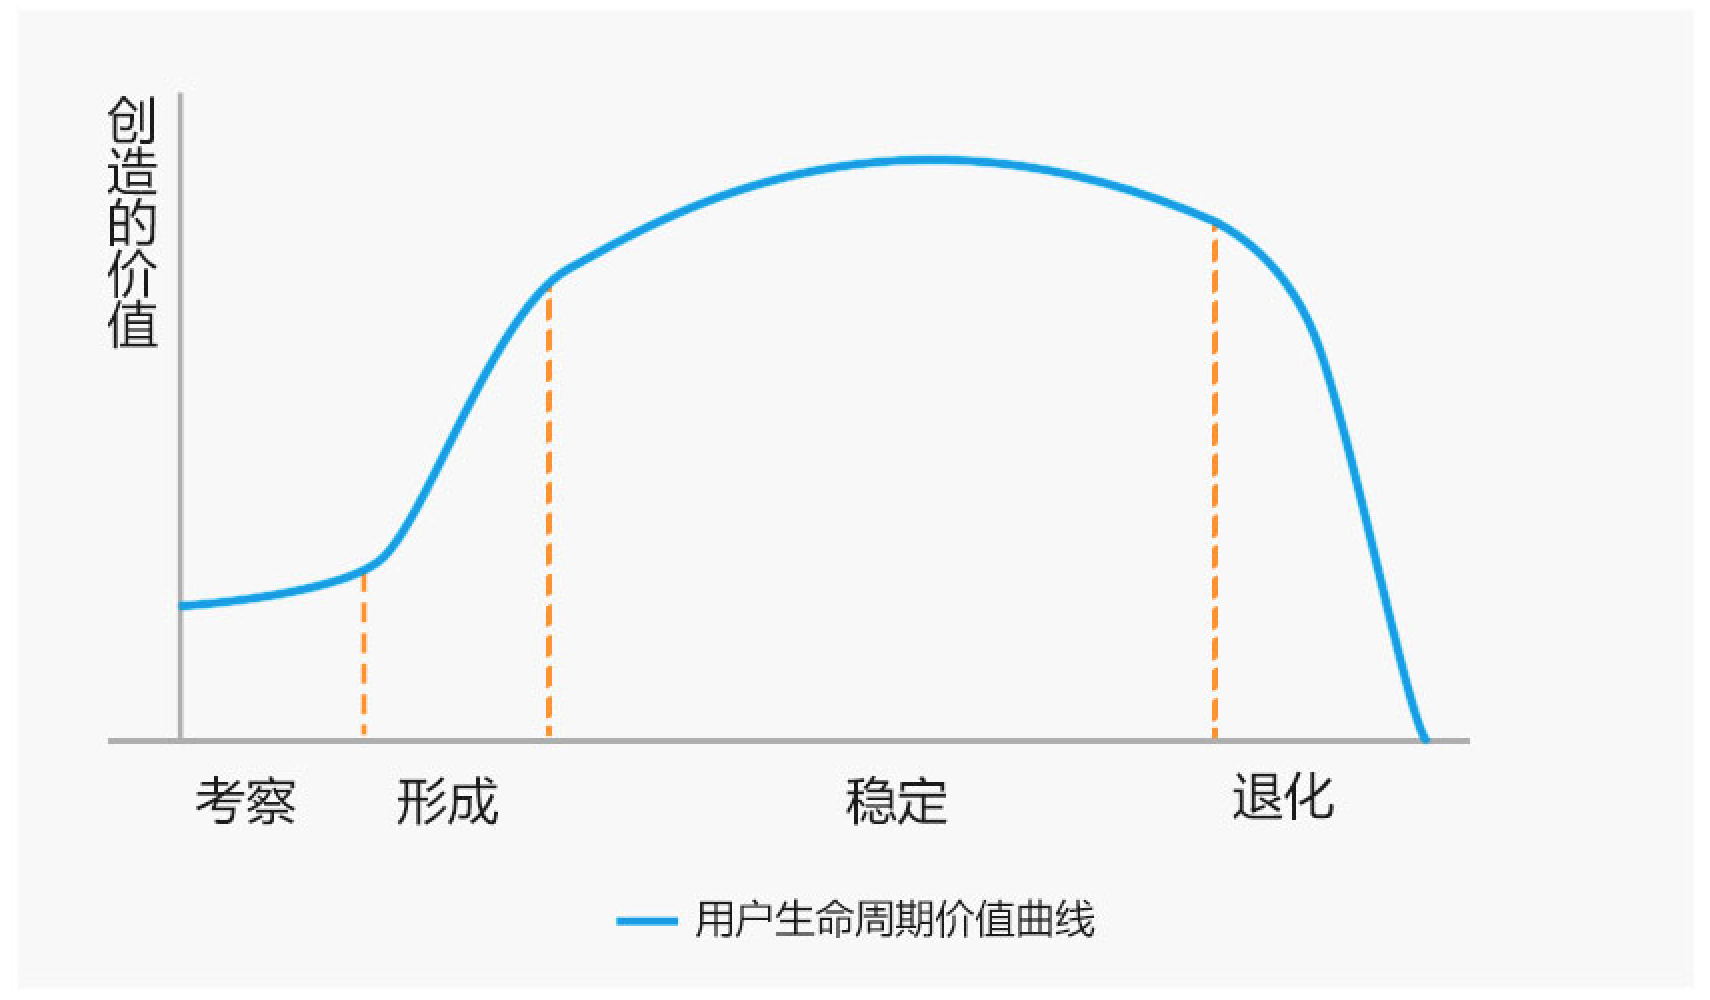 电商用户生命周期价值及运营策略